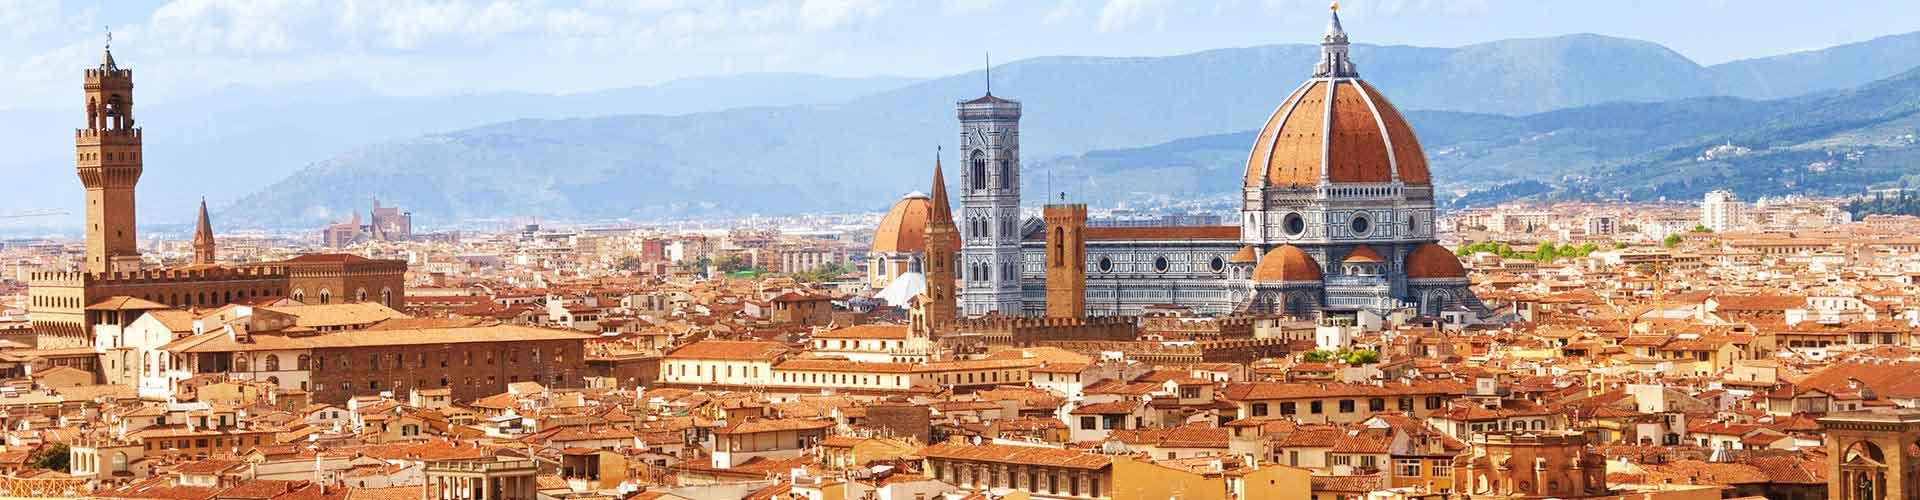 Florencia - Hoteles baratos en el distrito Viali. Mapas de Florencia, Fotos y comentarios de cada Hotel barato en Florencia.